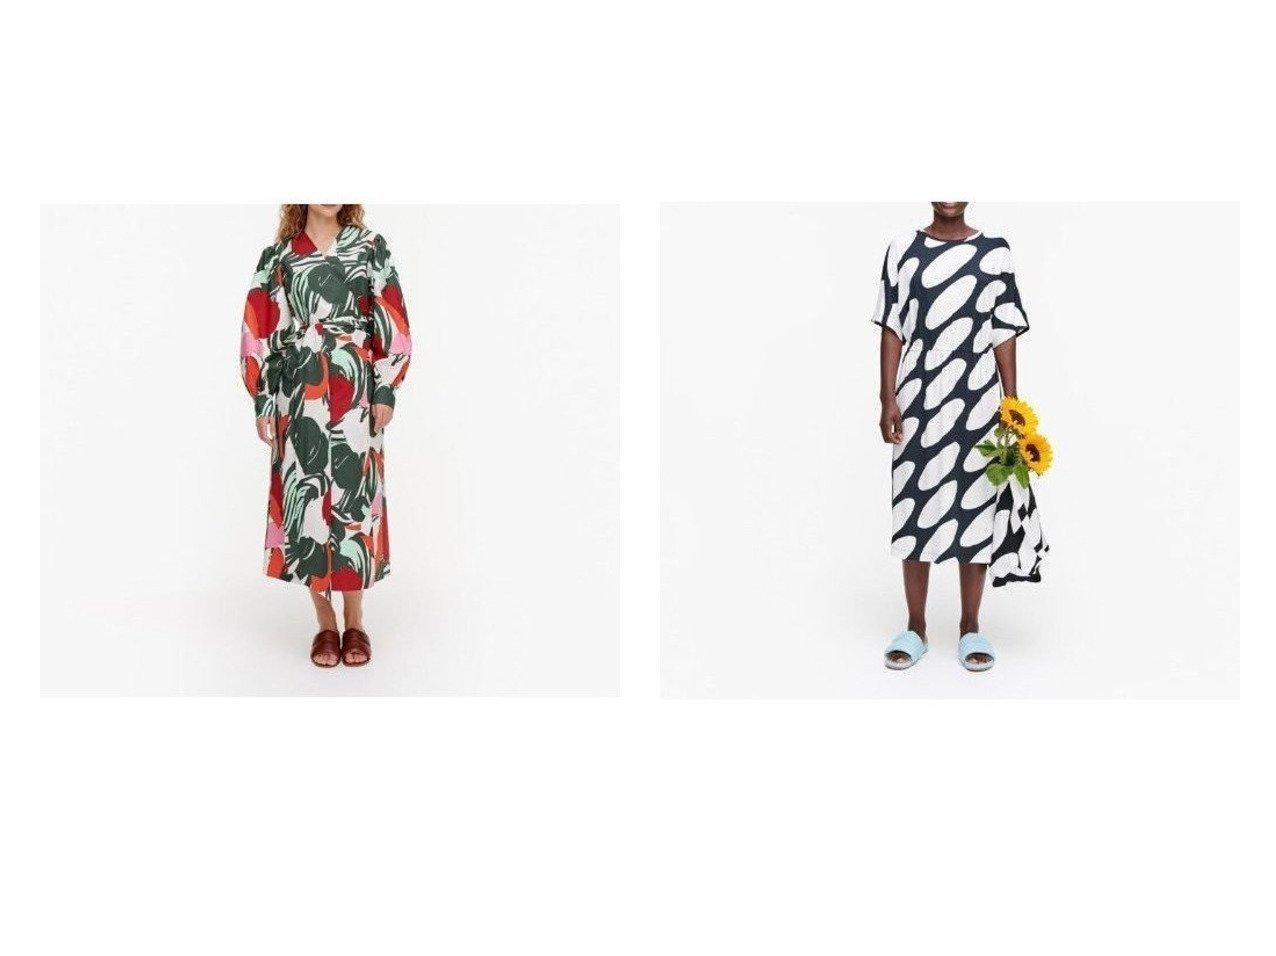 【marimekko/マリメッコ】のAalloilla Iso Mehu ワンピース&Raikas Linssi ワンピース おすすめ!人気、トレンド・レディースファッションの通販 おすすめで人気の流行・トレンド、ファッションの通販商品 メンズファッション・キッズファッション・インテリア・家具・レディースファッション・服の通販 founy(ファニー) https://founy.com/ ファッション Fashion レディースファッション WOMEN ワンピース Dress コンビ スリーブ プリント モダン ギャザー ショルダー ポケット ラップ ワイド |ID:crp329100000035902